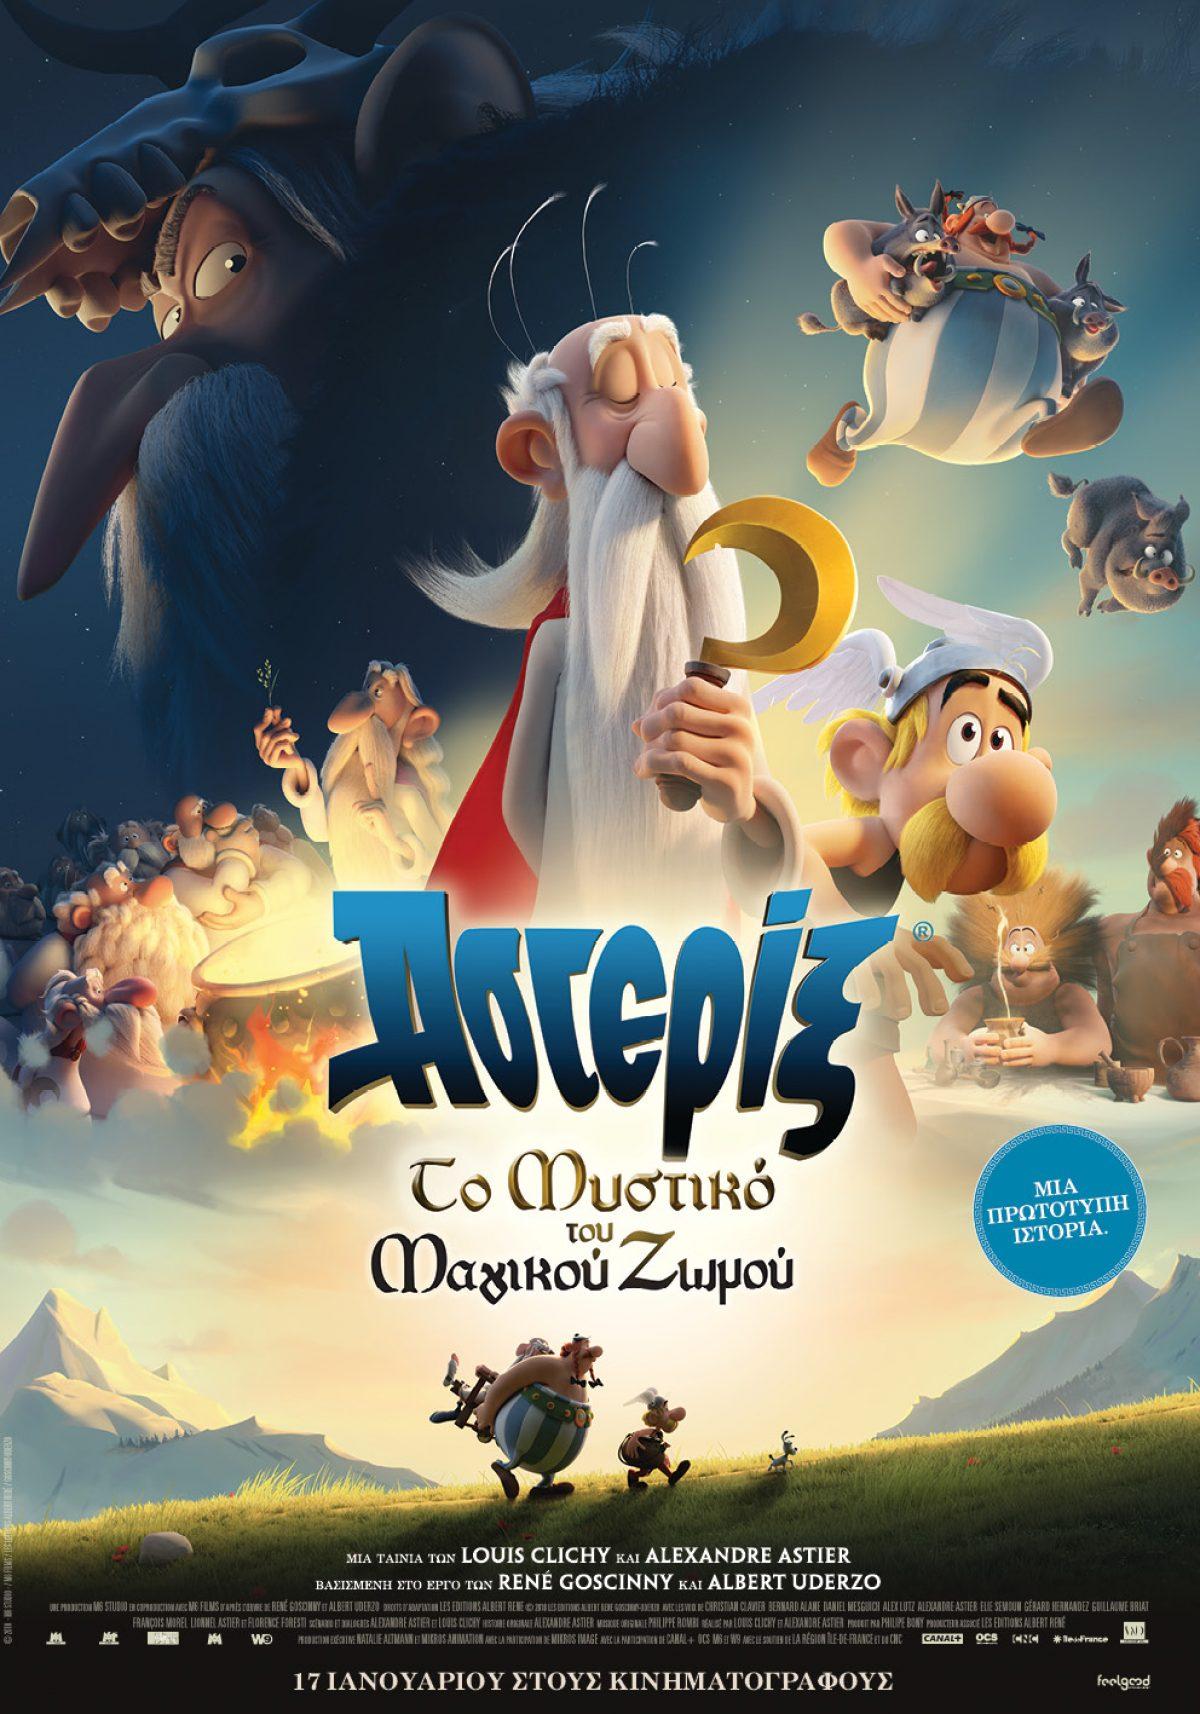 Αστερίξ: Τo Μυστικό του Μαγικού Ζωμού (Astérix: Le secret de la potion magique)